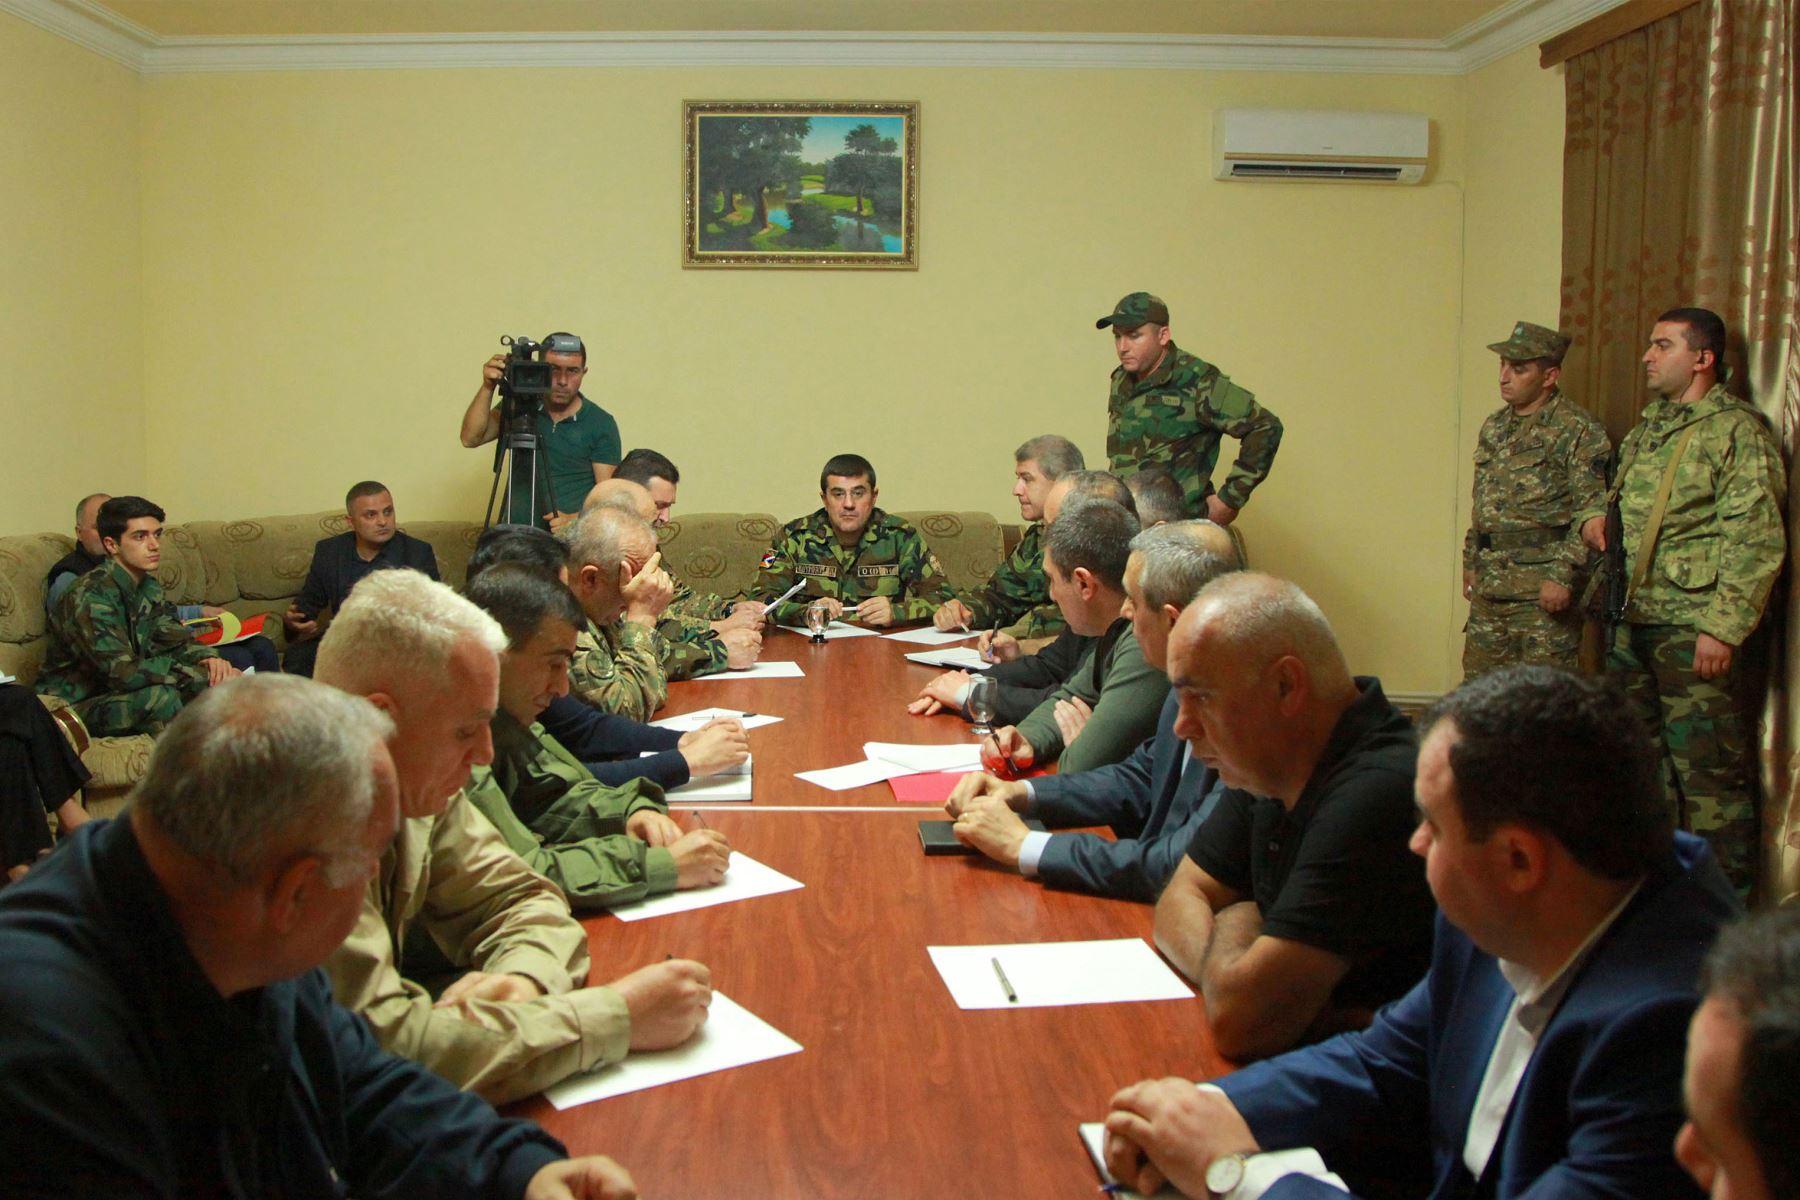 El líder de Karabaj, Arayik Harutyunyan, preside una reunión del Consejo de Seguridad en la ciudad principal de Nagorno-Karabaj, Stepanakert. Los enemigos armenios de Armenia y Azerbaiyán  se acusaron mutuamente. Foto: AFP